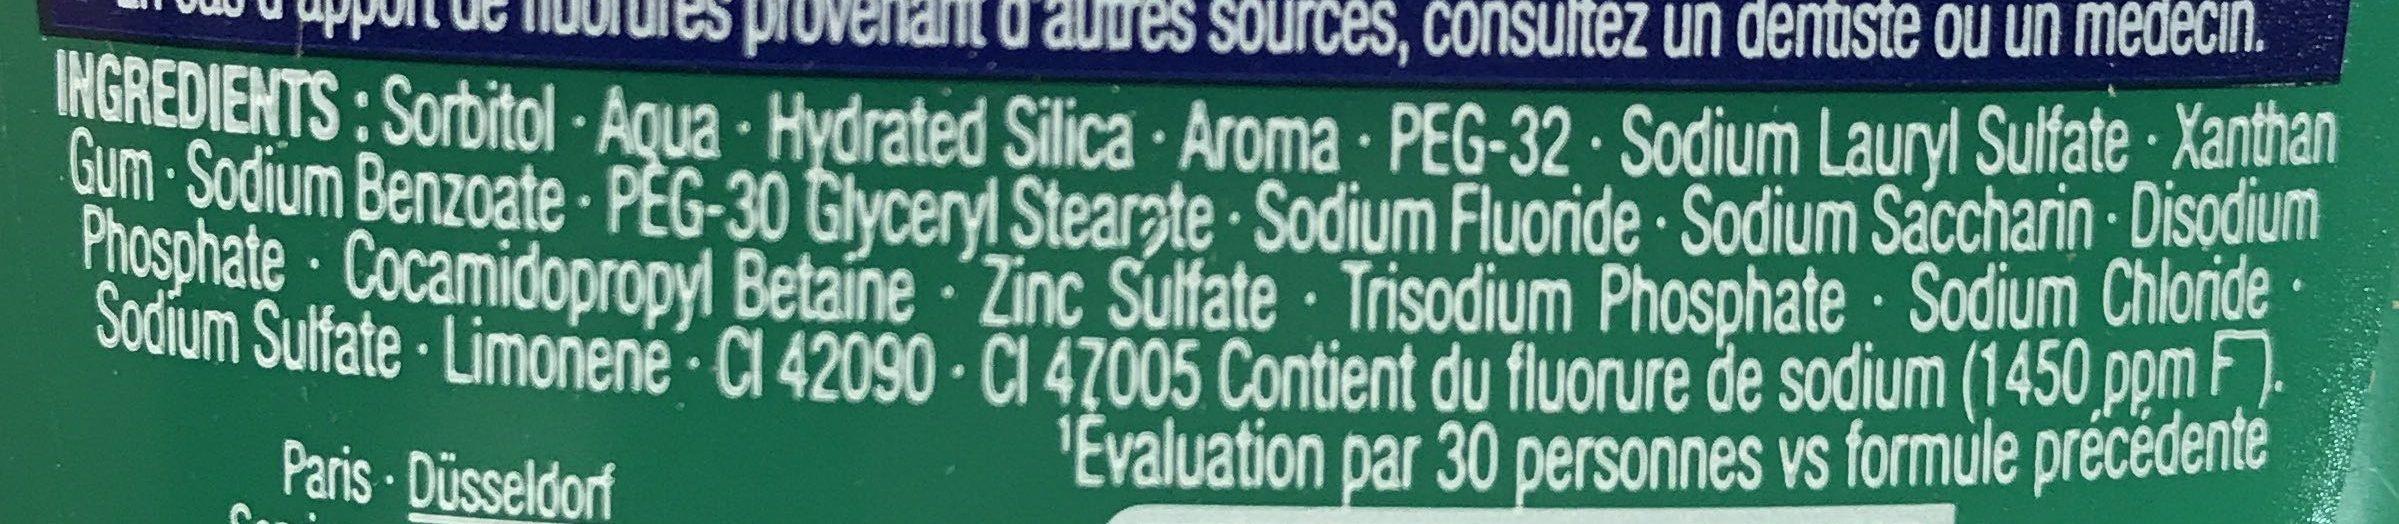 Teraxyl - 2 en 1 - Dentifrice + Bain de Bouche - Non-Stop Fresh aux essences de Menthe - Ingredients - fr